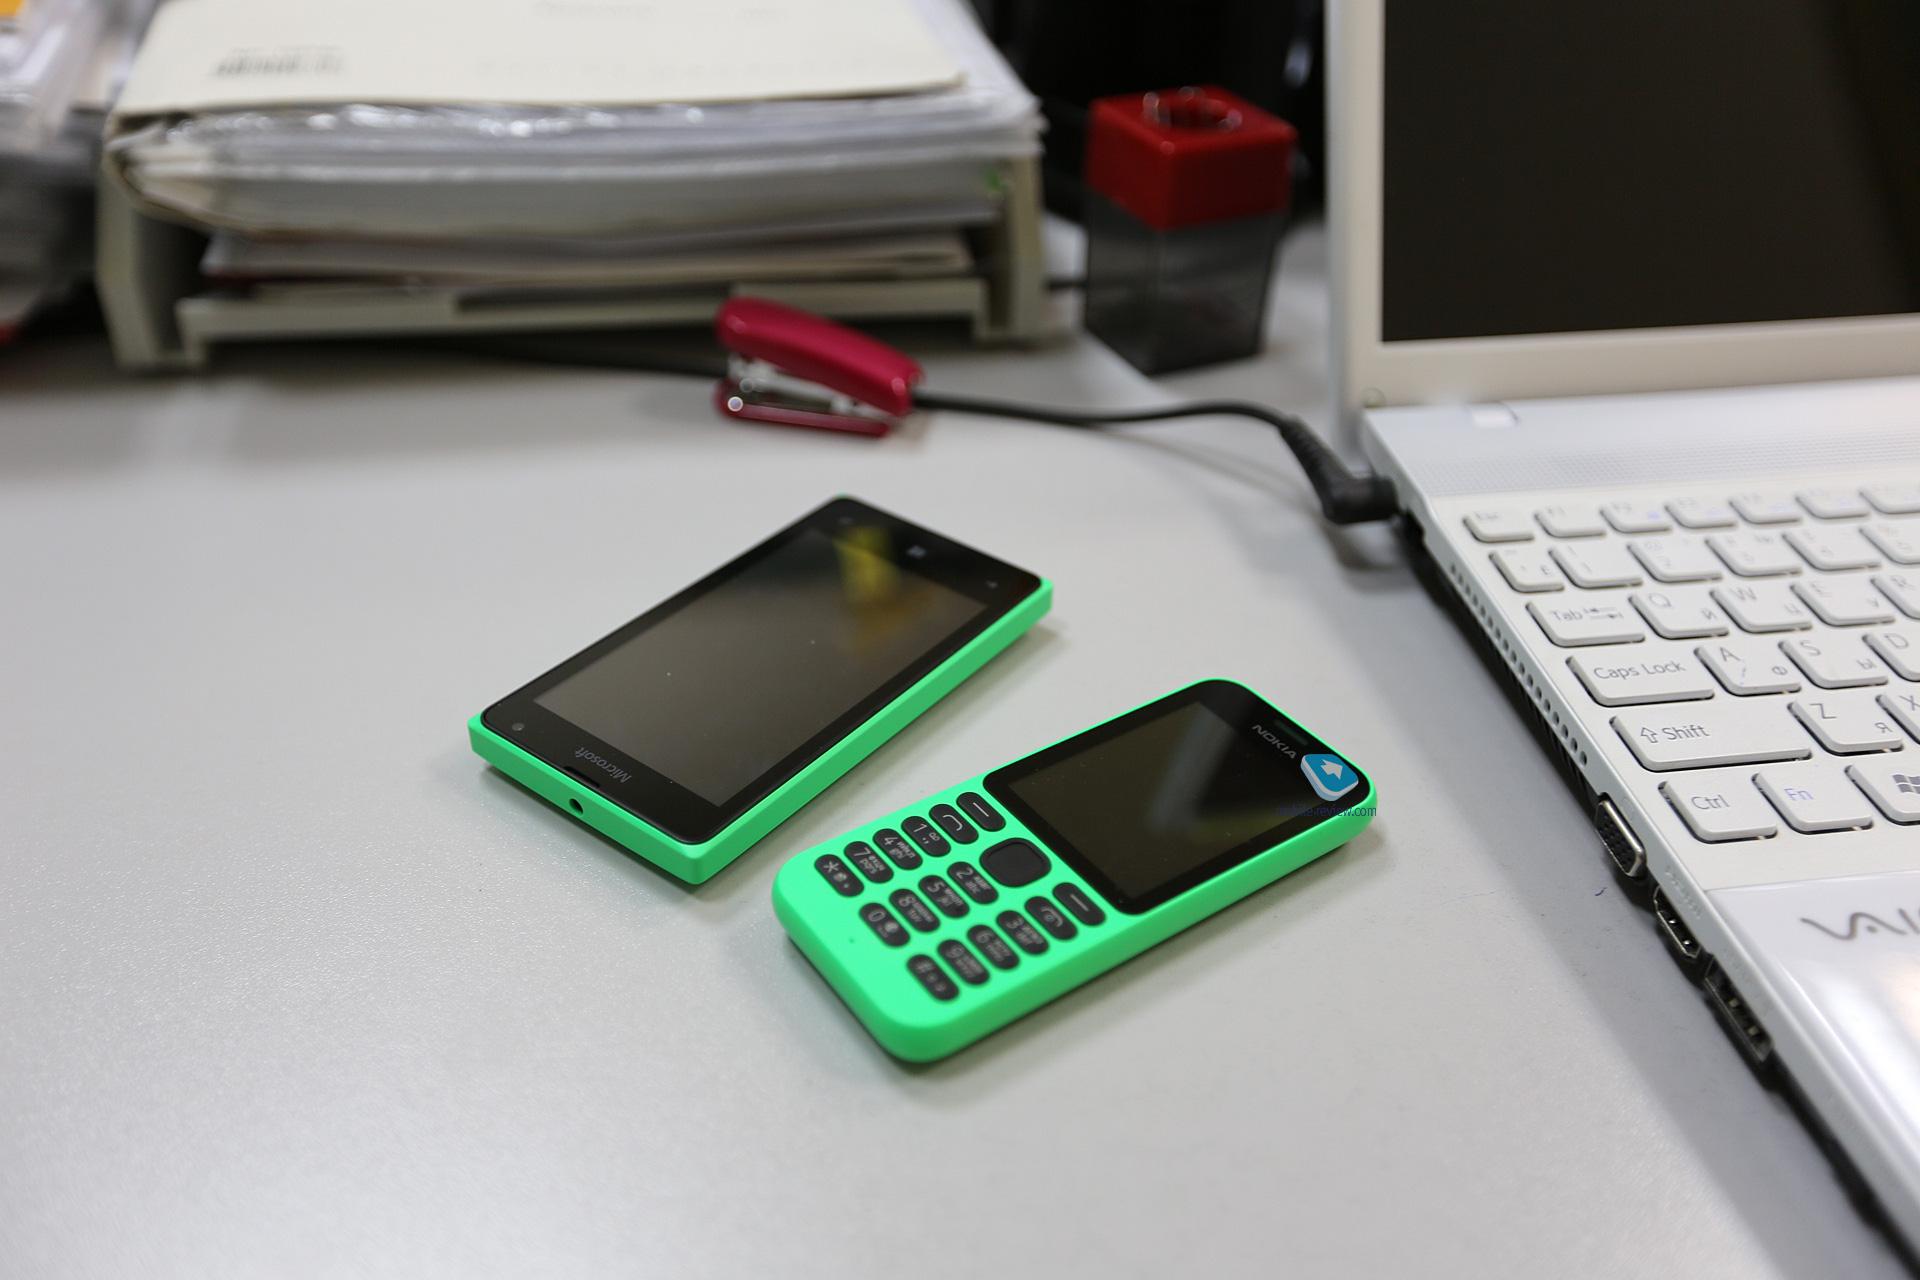 инструкция по прошивке lumia 920 зажать кнопку